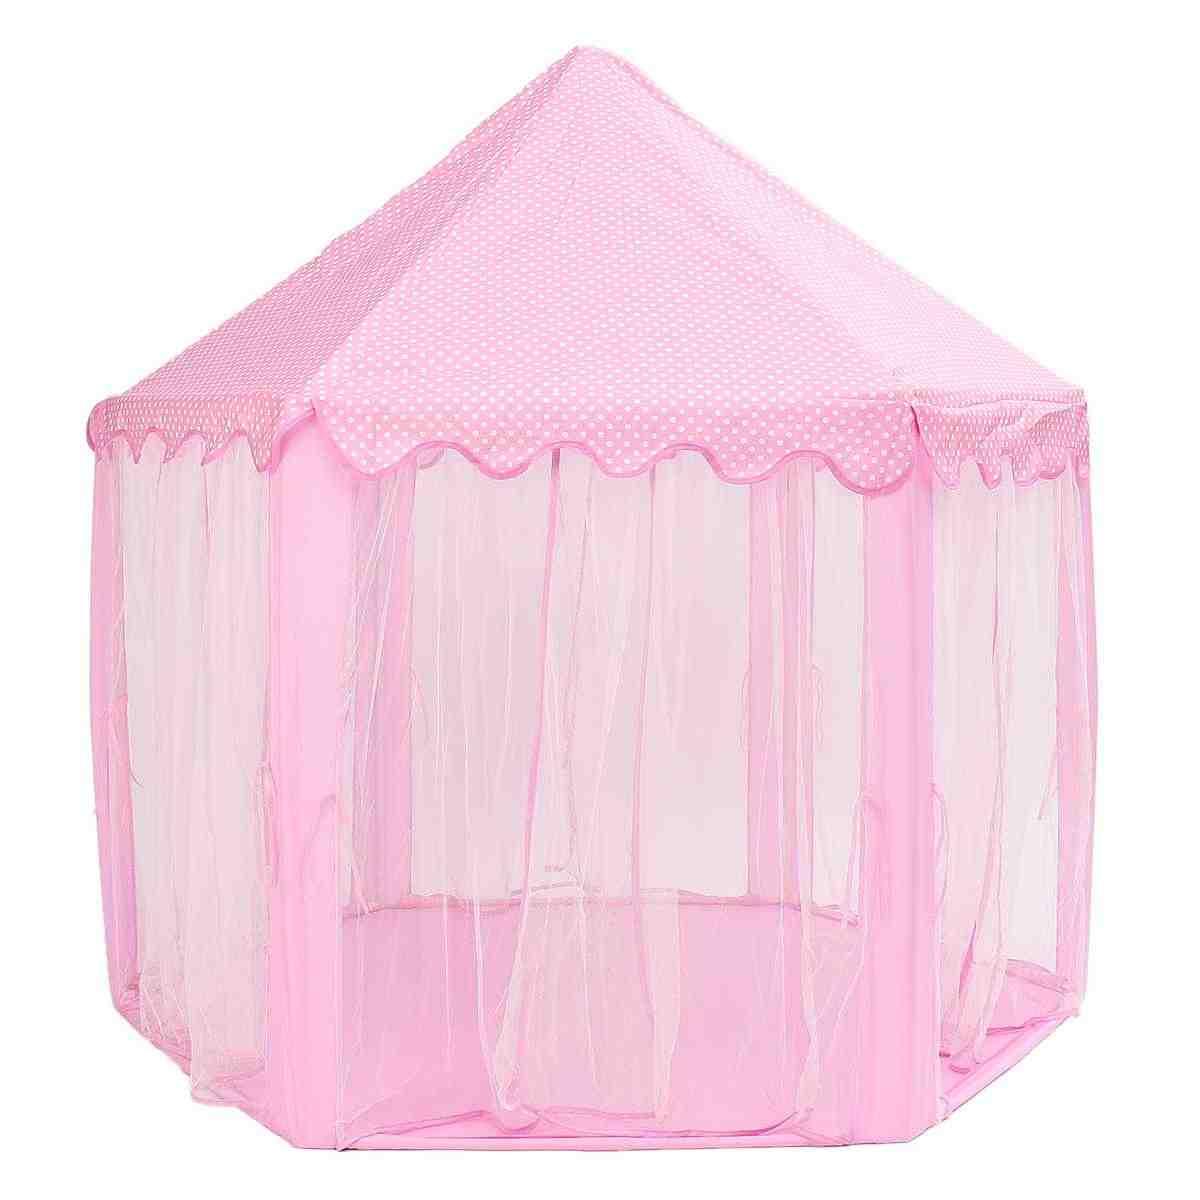 المحمولة الأميرة خيمة لعب على شكل قلعة النشاط الجنية البيت متعة مسرح خيمة للشاطئ الطفل اللعب لعبة هدية للأطفال